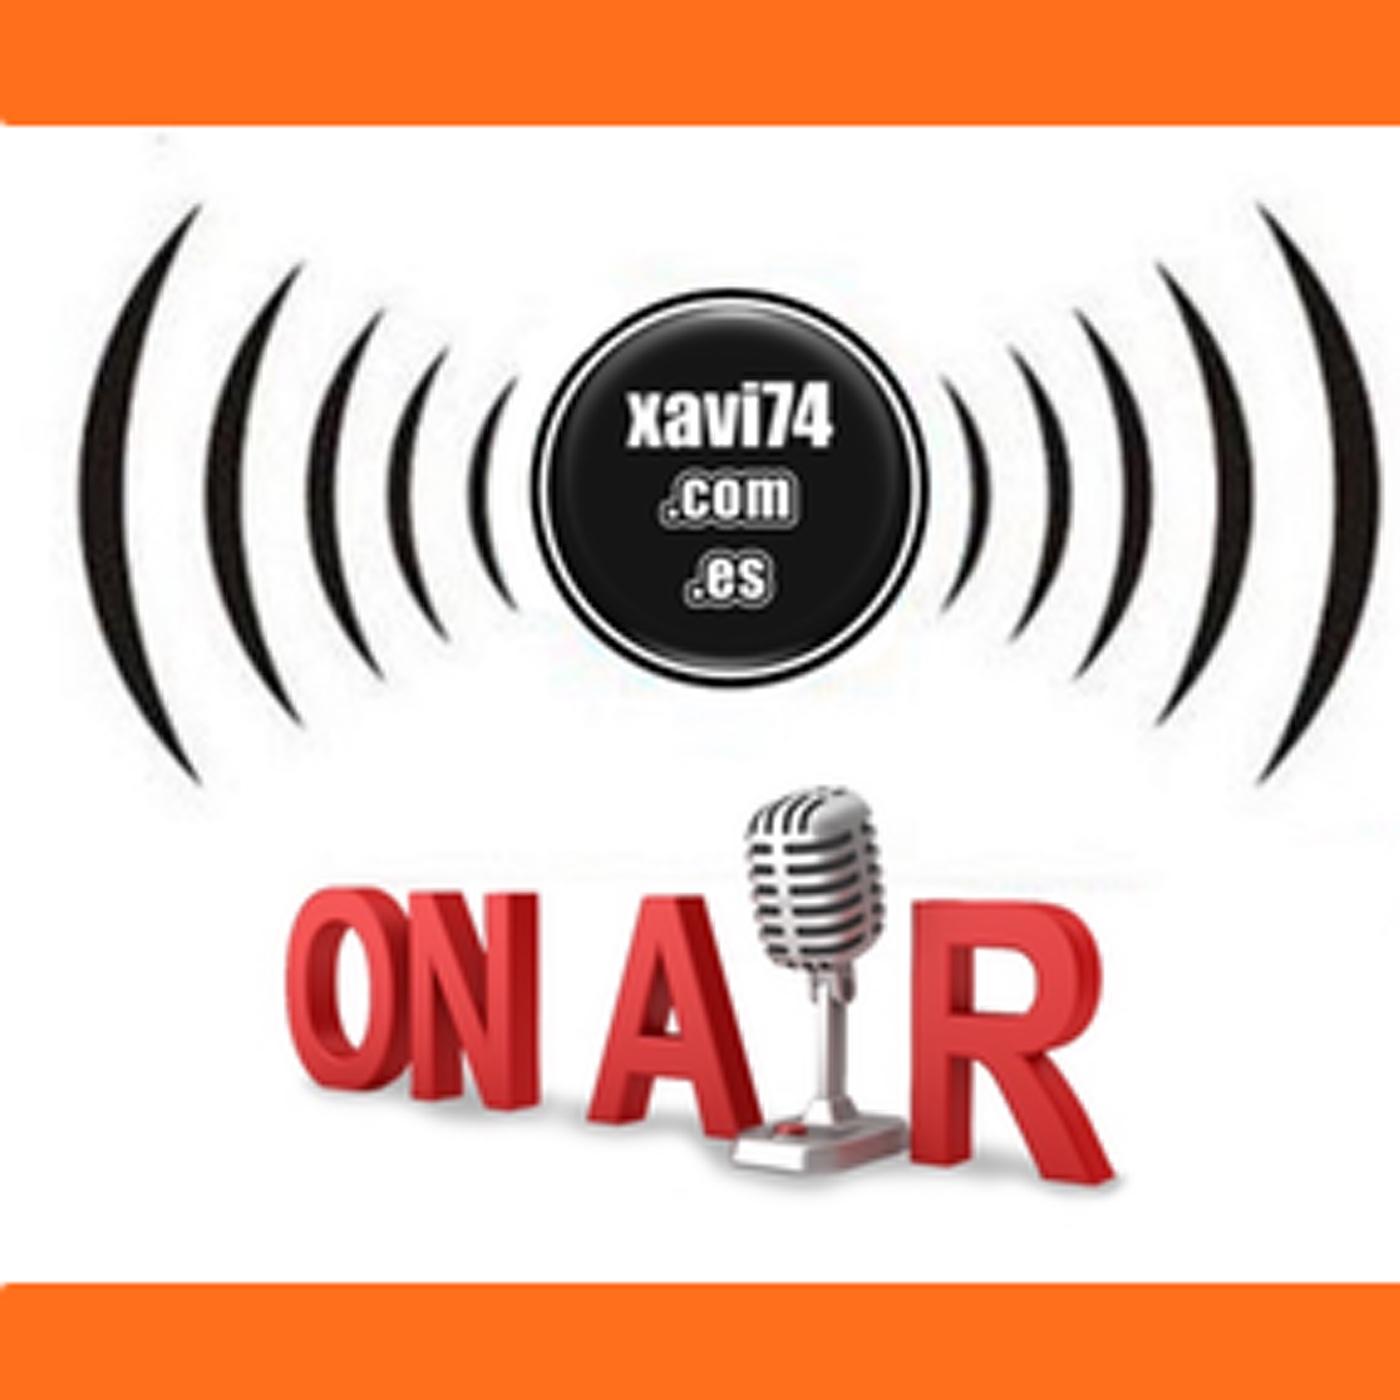 Podcast Xavi74.com.es